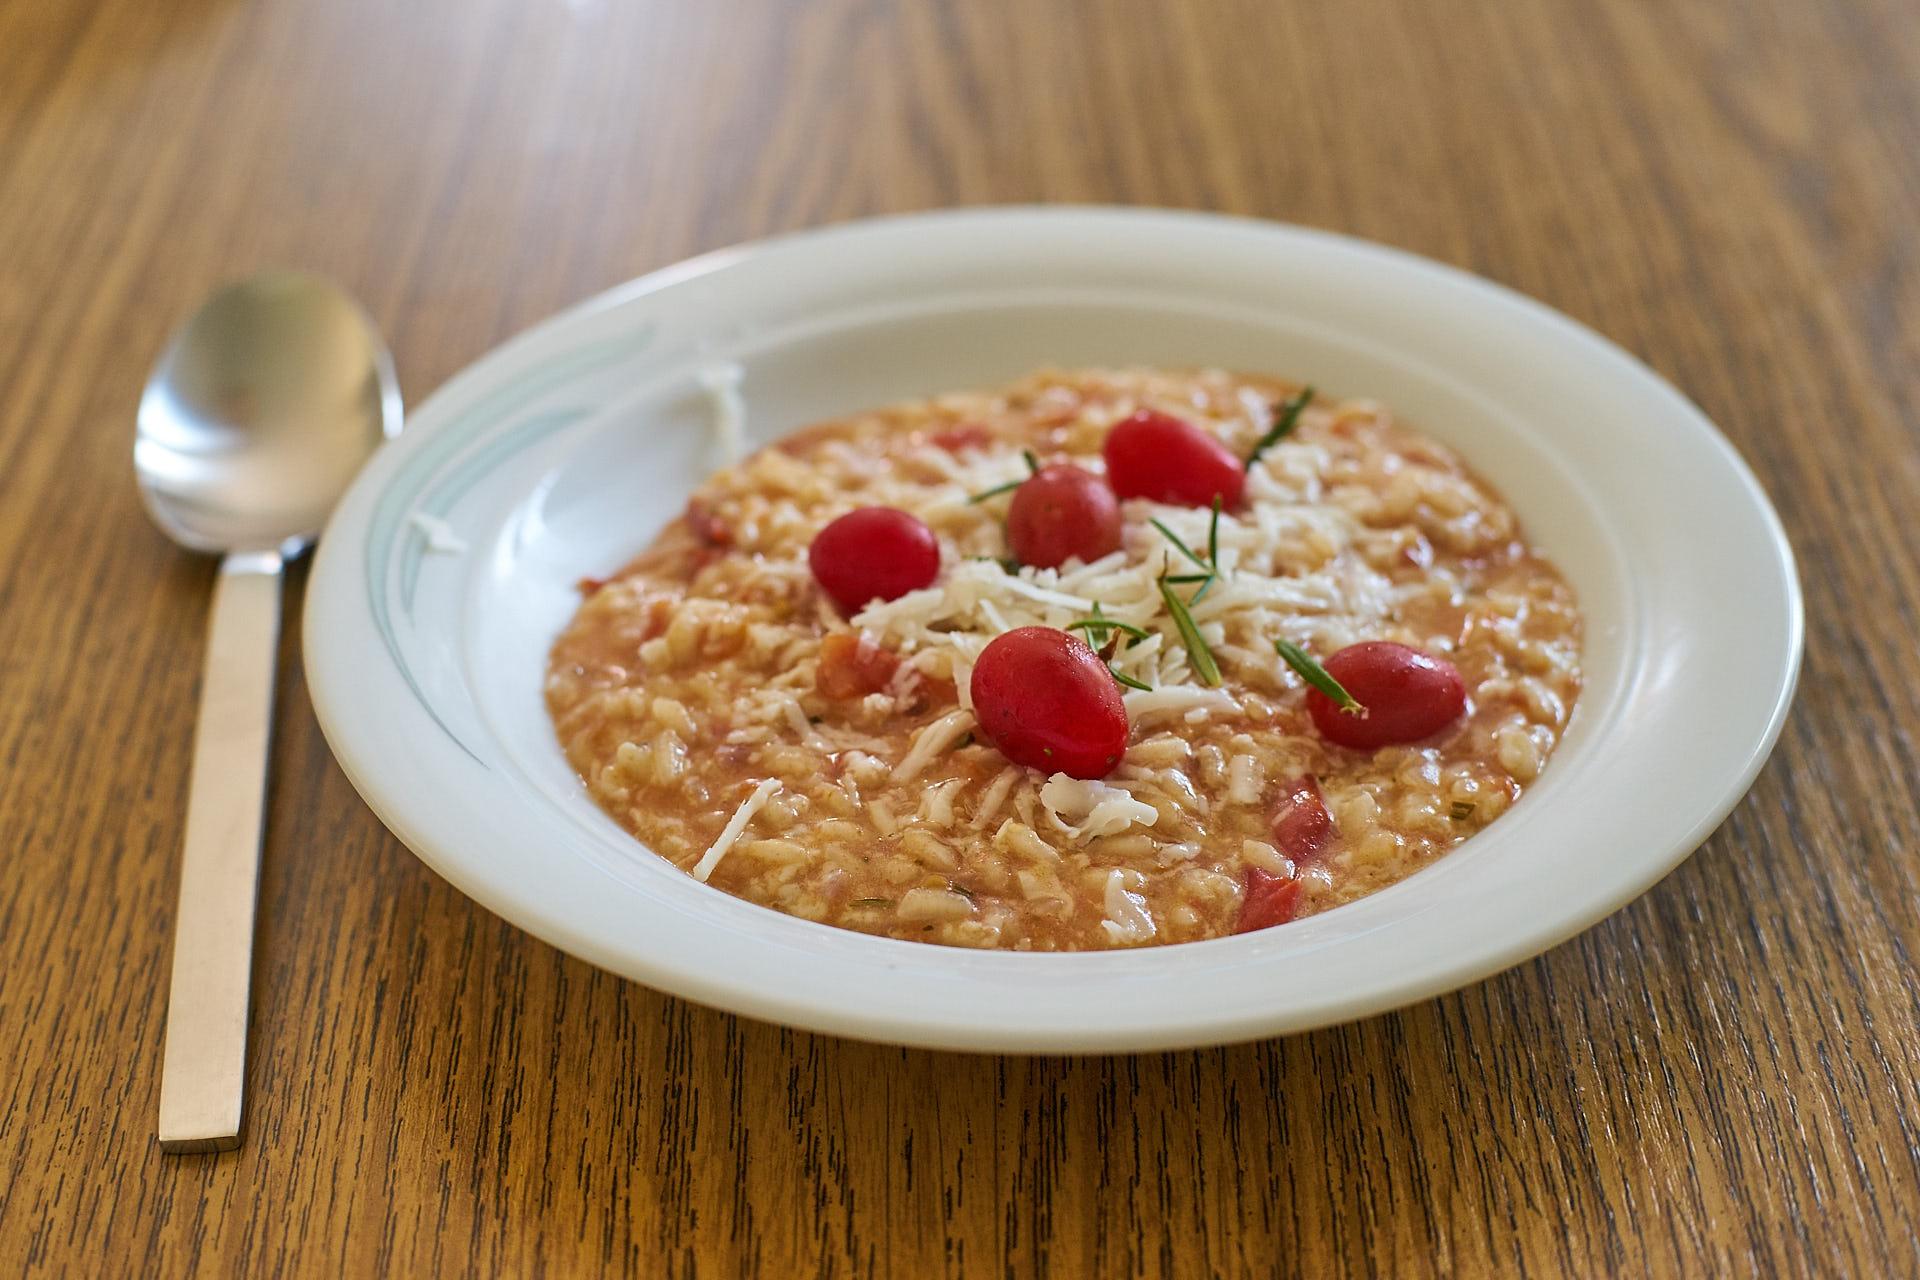 Eine Portion Tomaten-Ziegenkäse-Risotto mit Rosmarin.